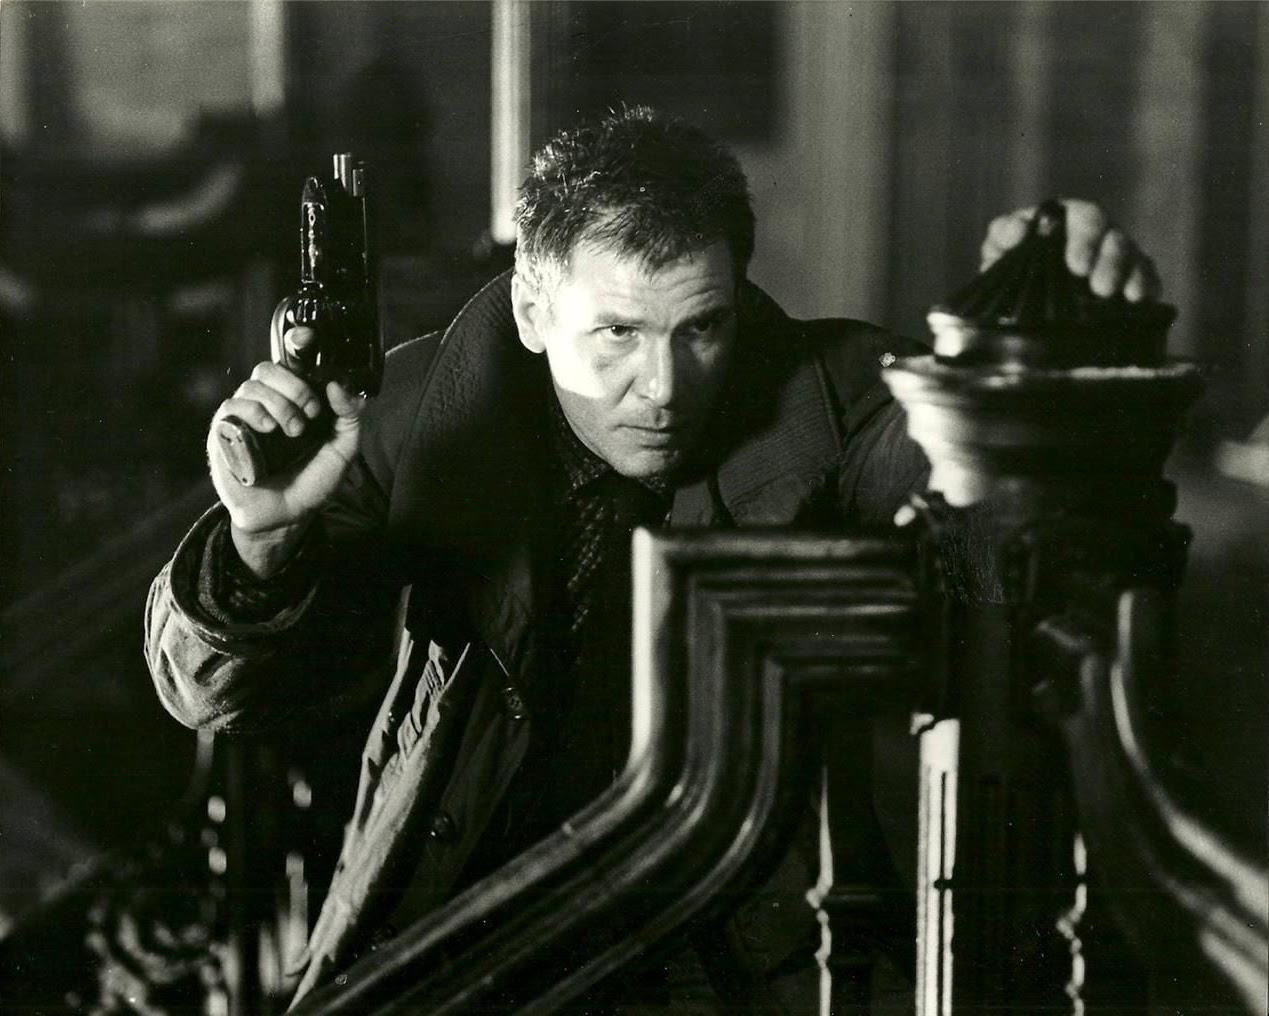 CIA☆こちら映画中央情報局です: Blade Runner 2 : SF映画の金字塔のまさかの続篇「ブレード ... - photo#39